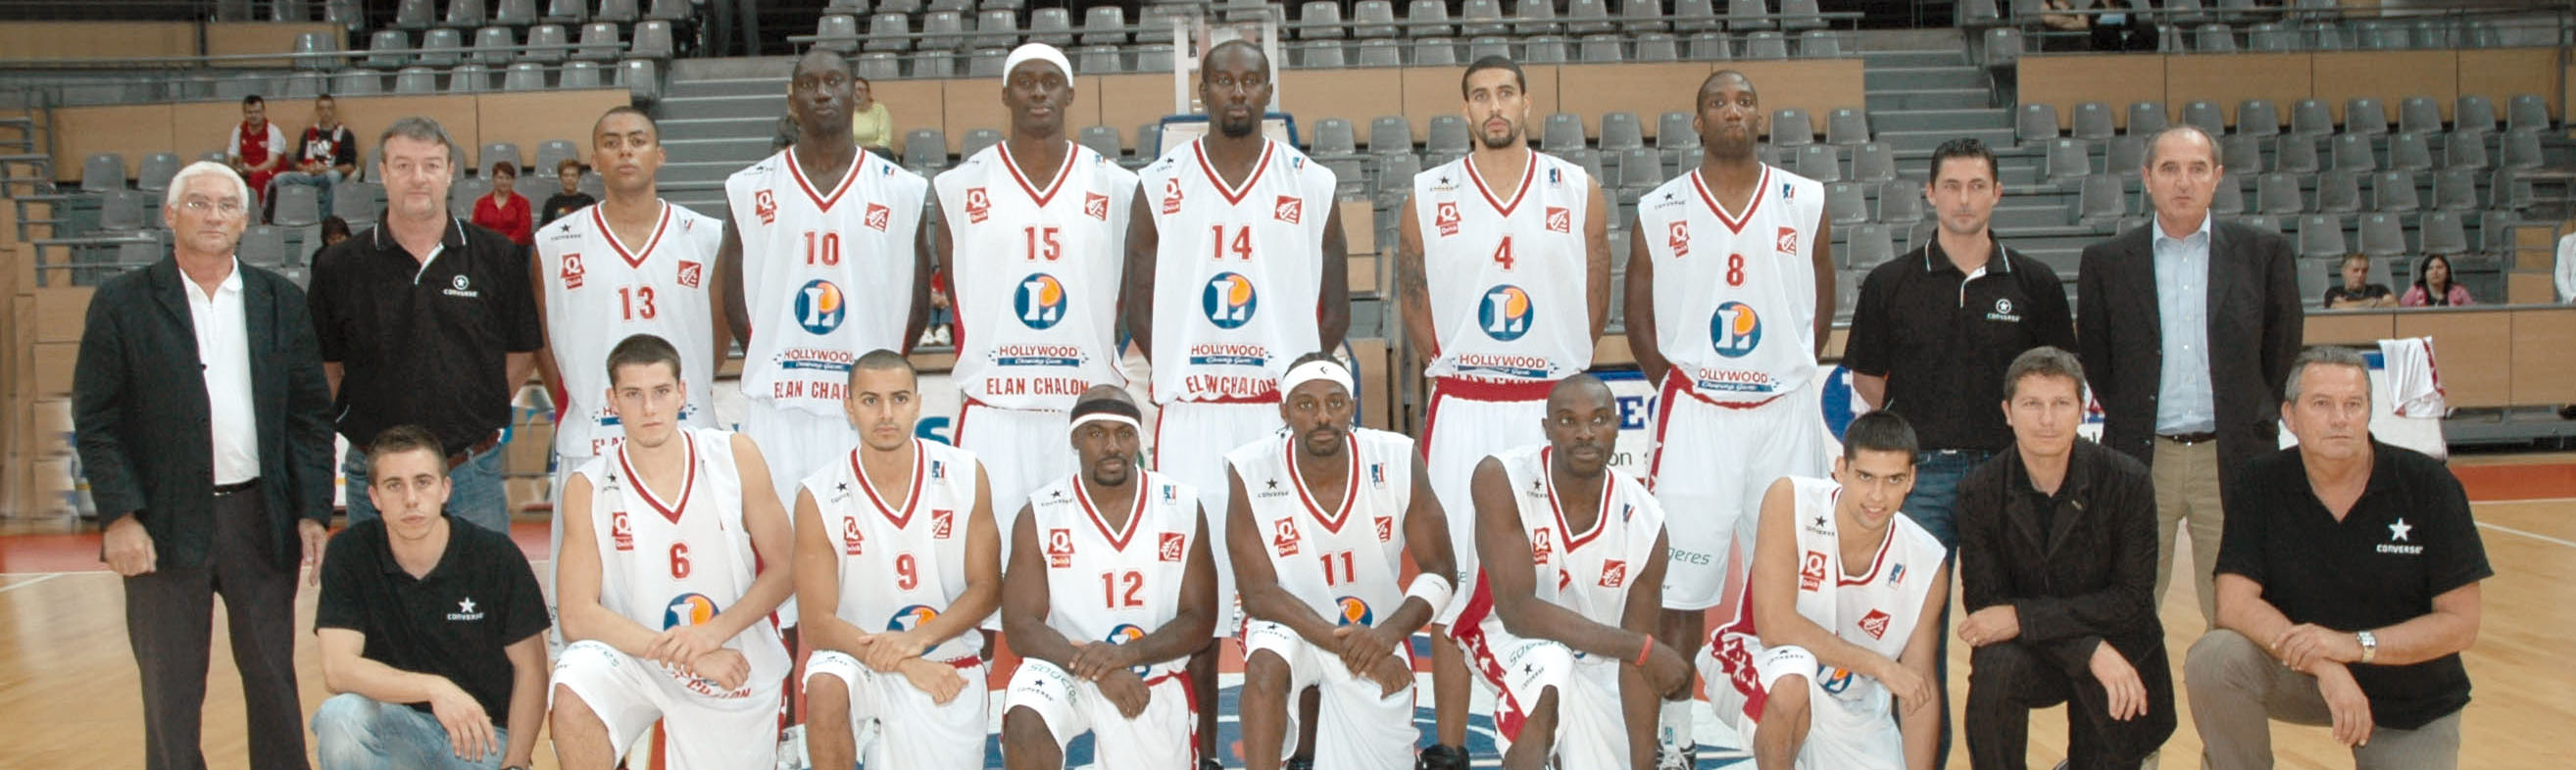 Saison 2007-2008